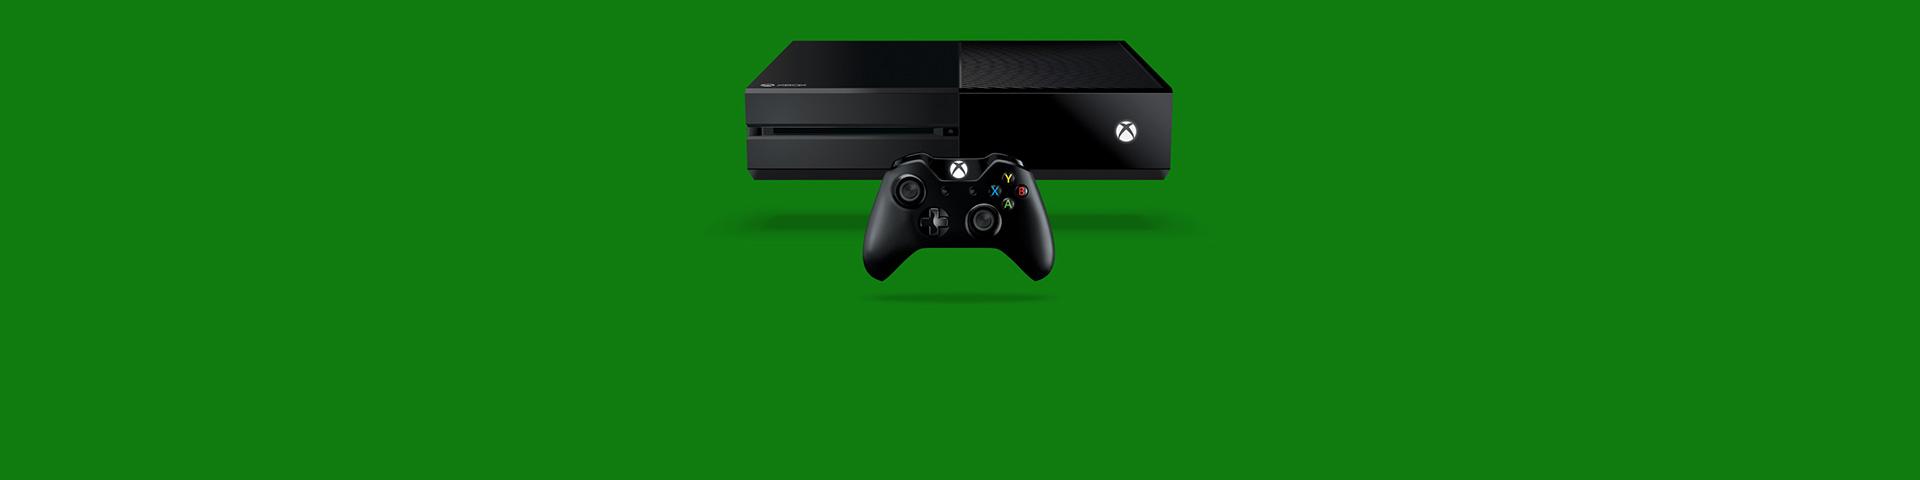 Konzole Xbox One a ovladač, kupte si nejnovější konzole